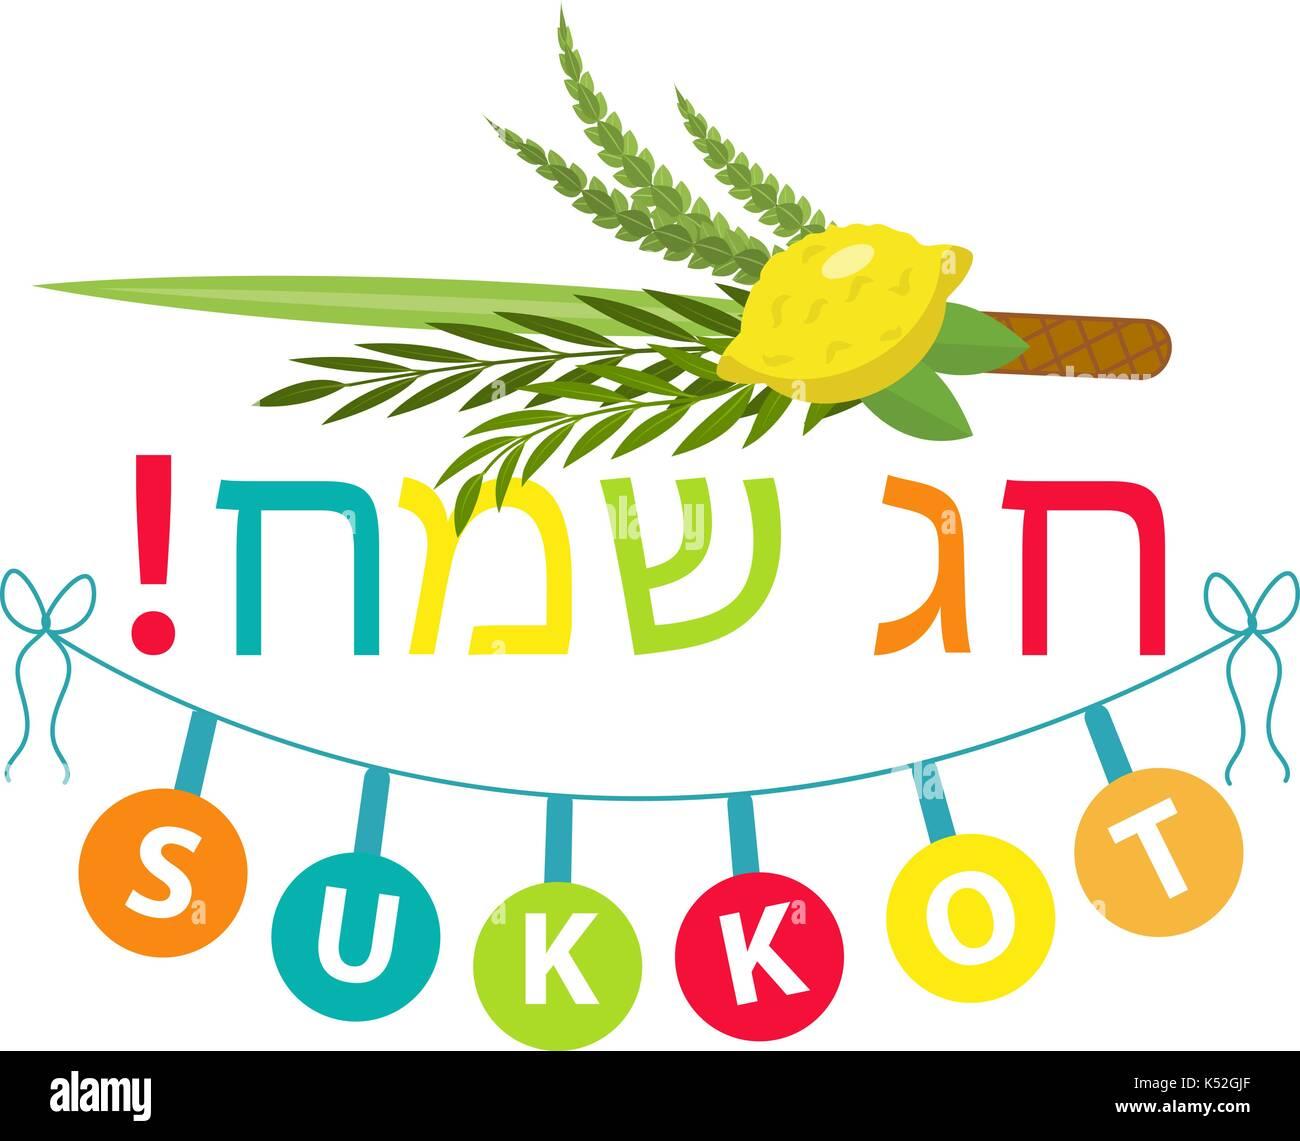 Happy Sukkot typography flat style with etrog, lulav, Arava, Hadas. Isolated on white background. Vector illustration. - Stock Image